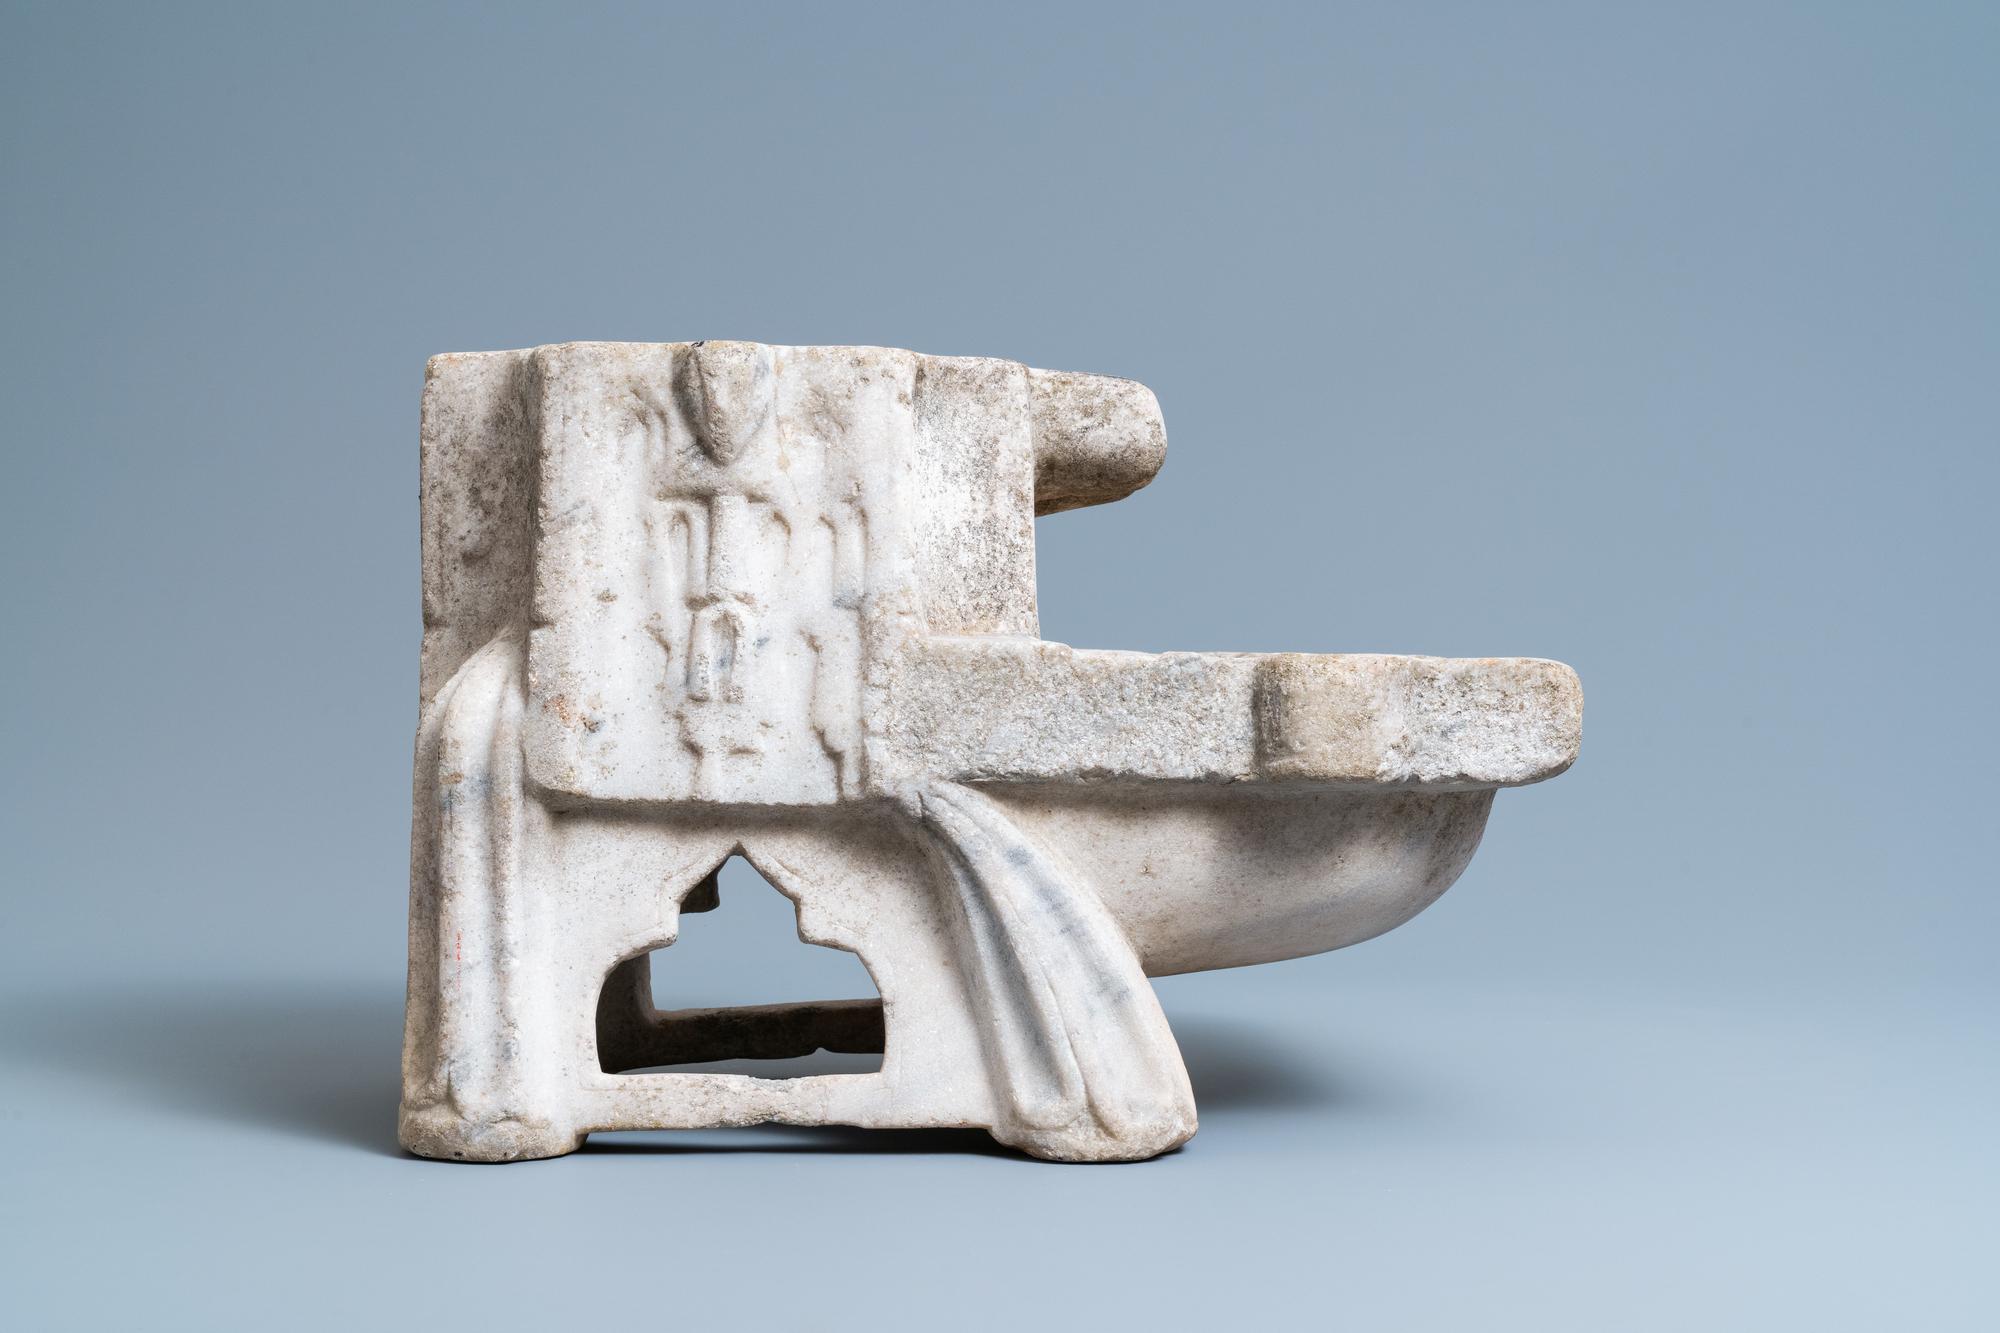 A Fatimid marble kilga, Egypt, 11/12th C. - Image 2 of 7